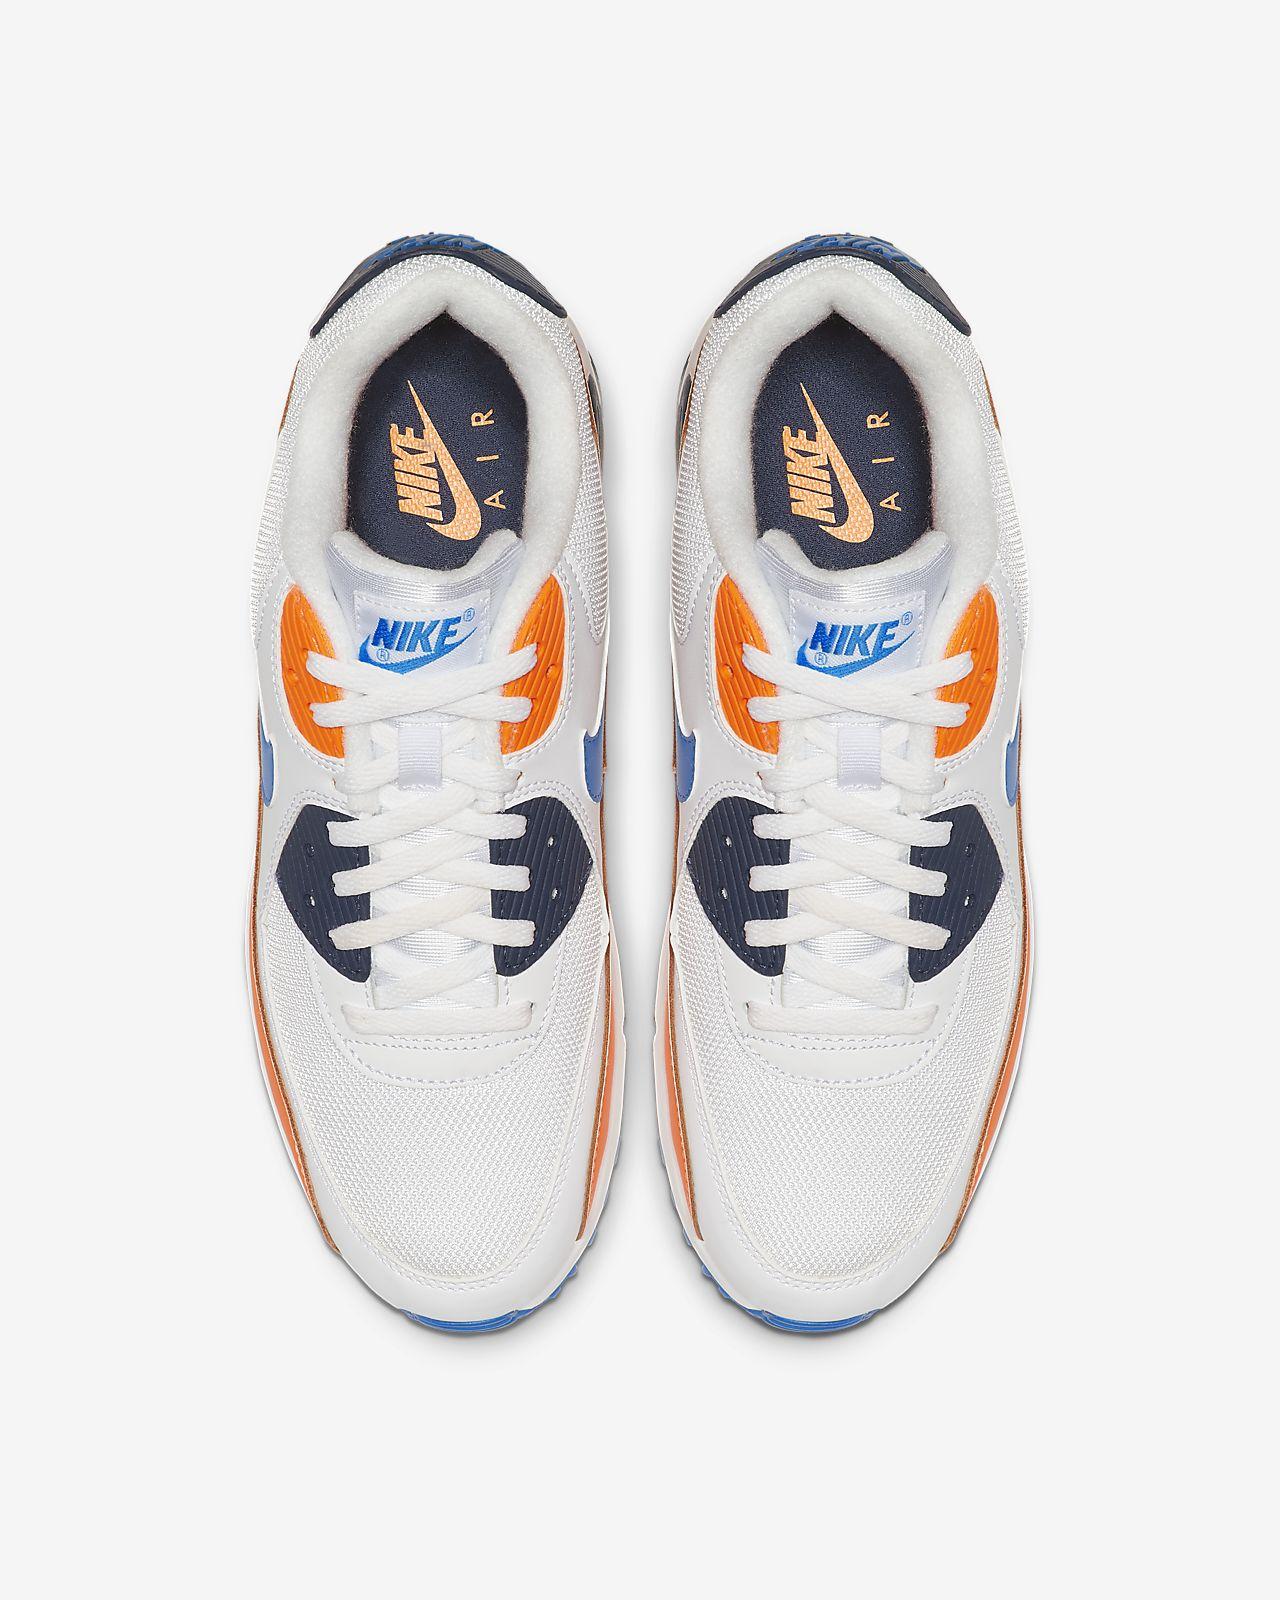 b86ddaeef Nike Air Max 90 Essential Men's Shoe. Nike.com